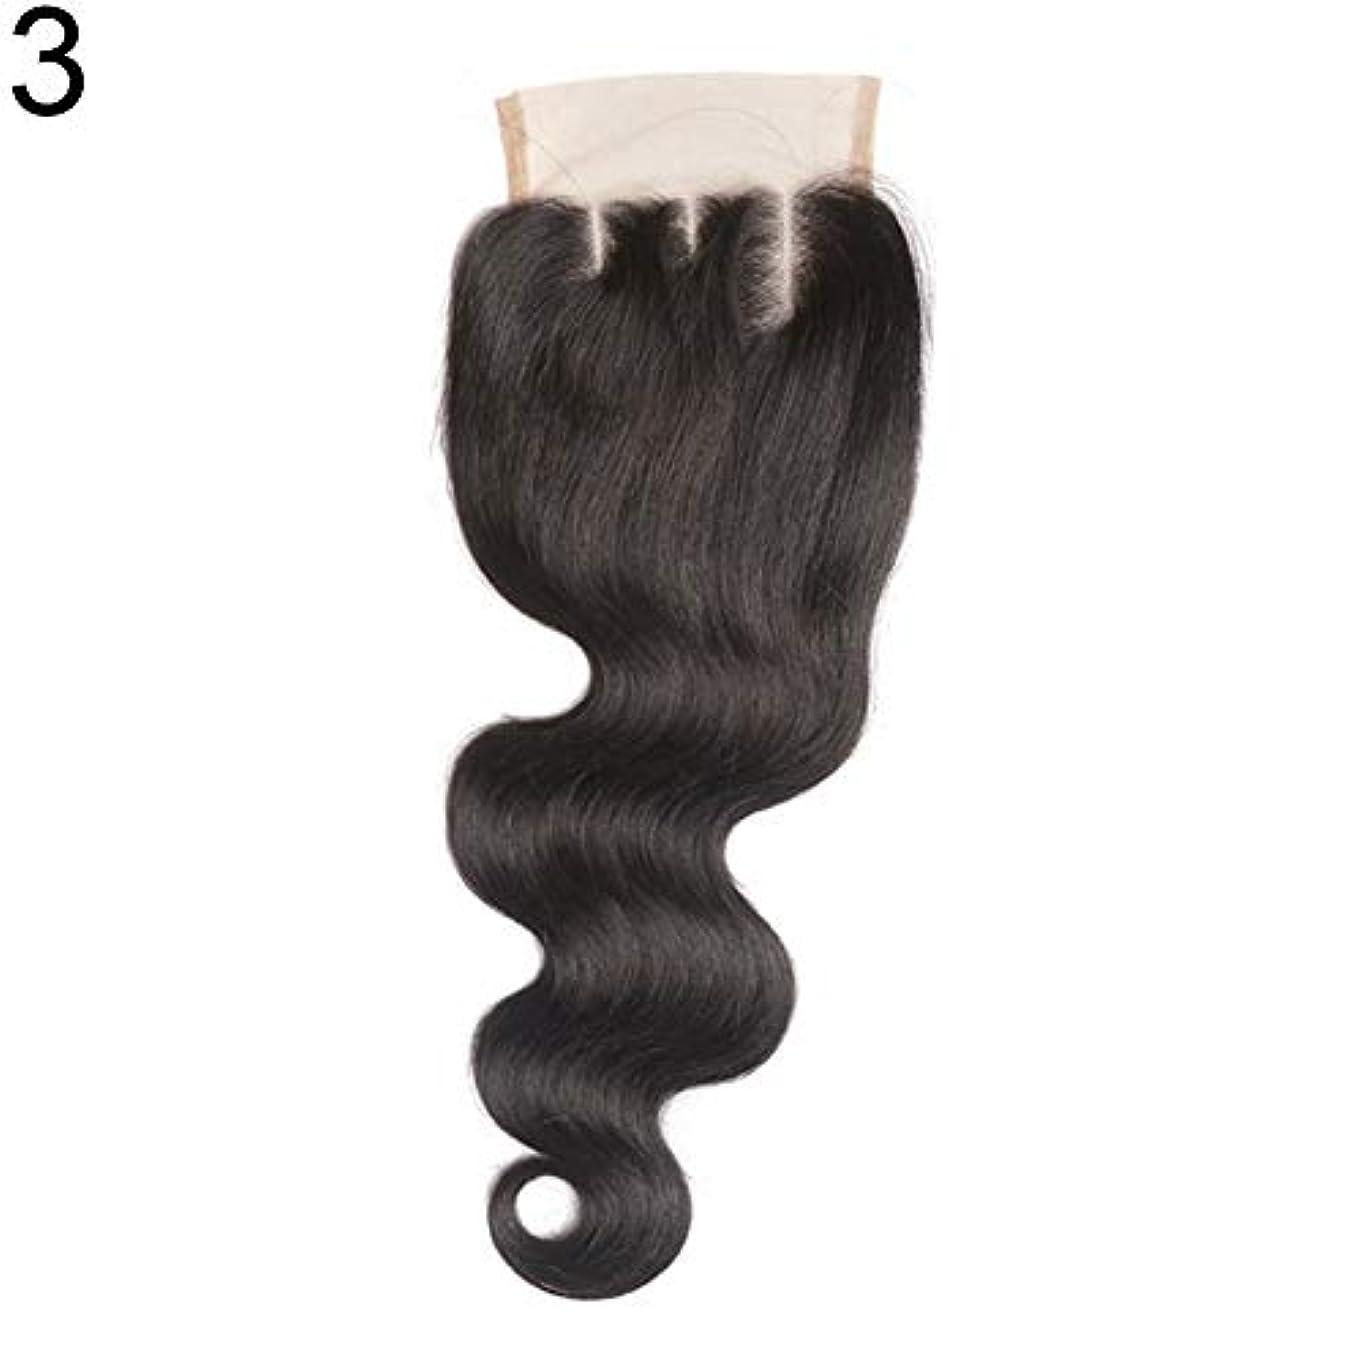 ビール叫び声費用slQinjiansav女性ウィッグ修理ツールブラジルのミドル/フリー/3部人間の髪のレース閉鎖ウィッグ黒ヘアピース